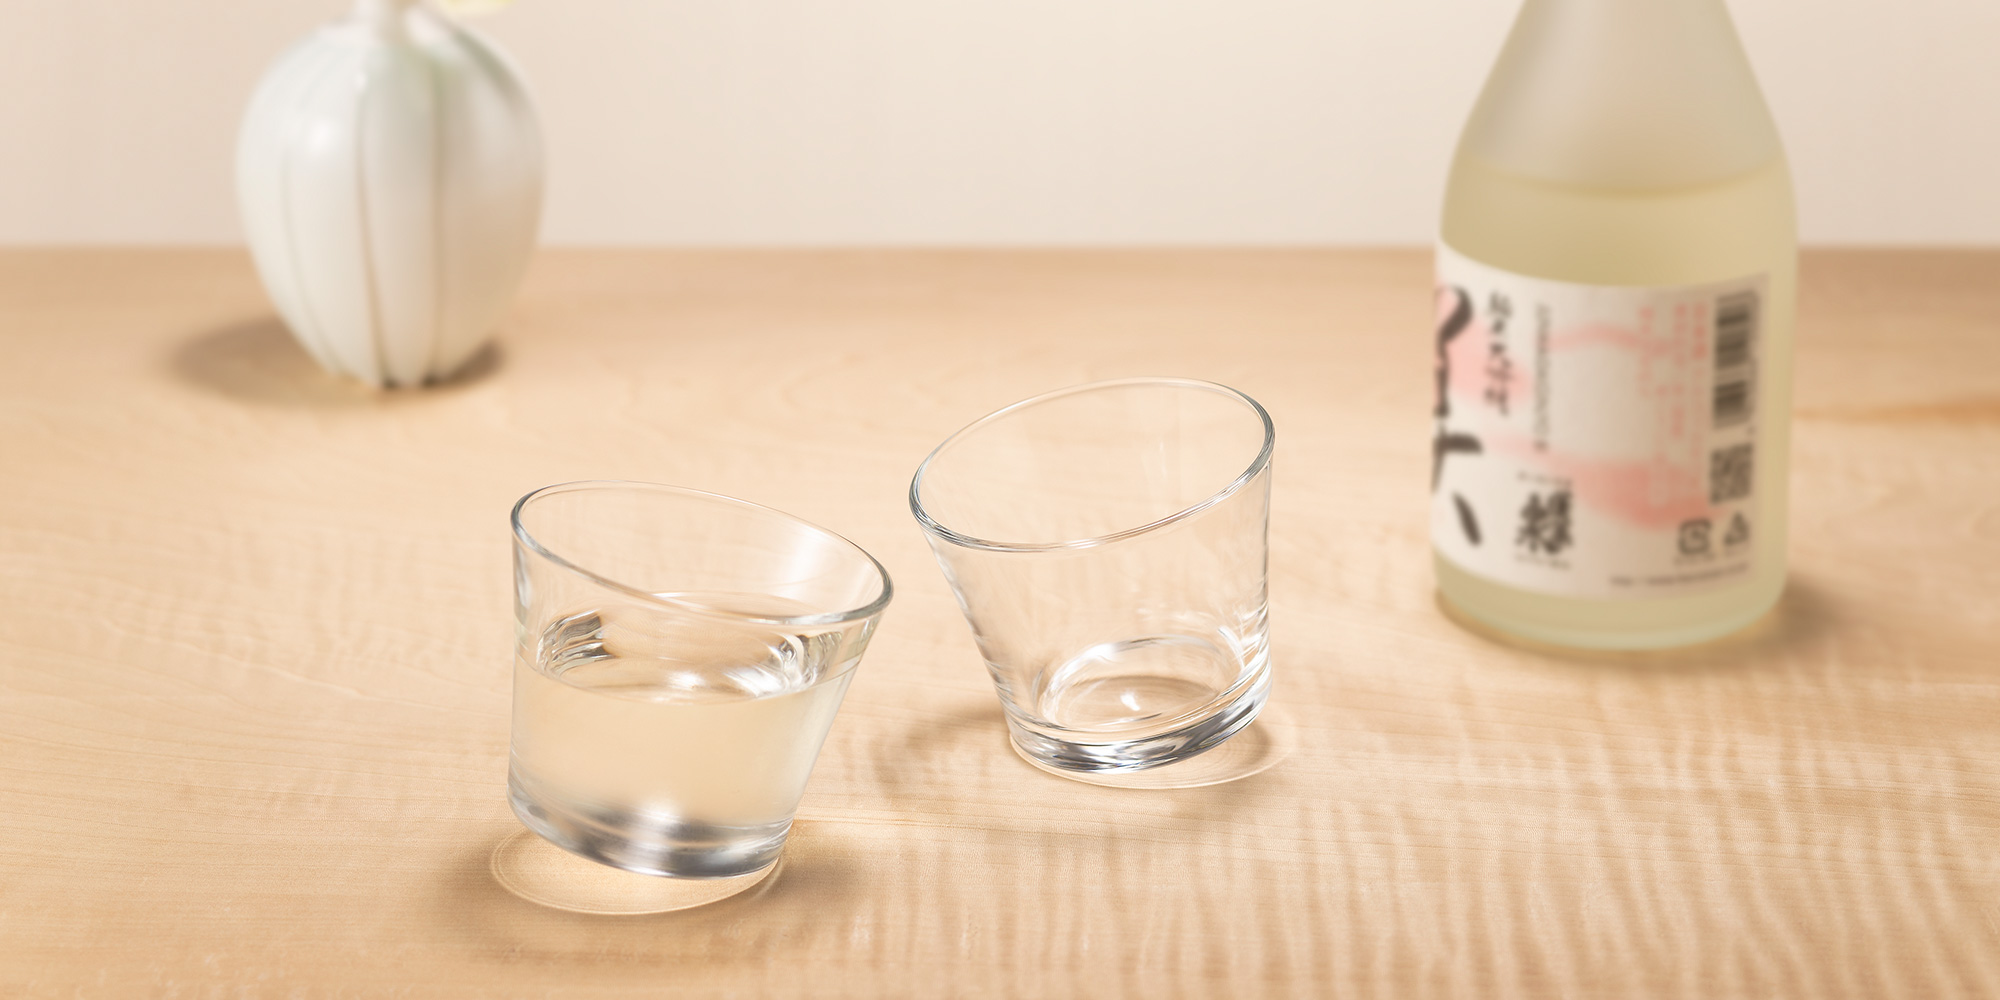 ゆらりゆらり|日本製|ガラス食器ブランド ADERIA|アデリア